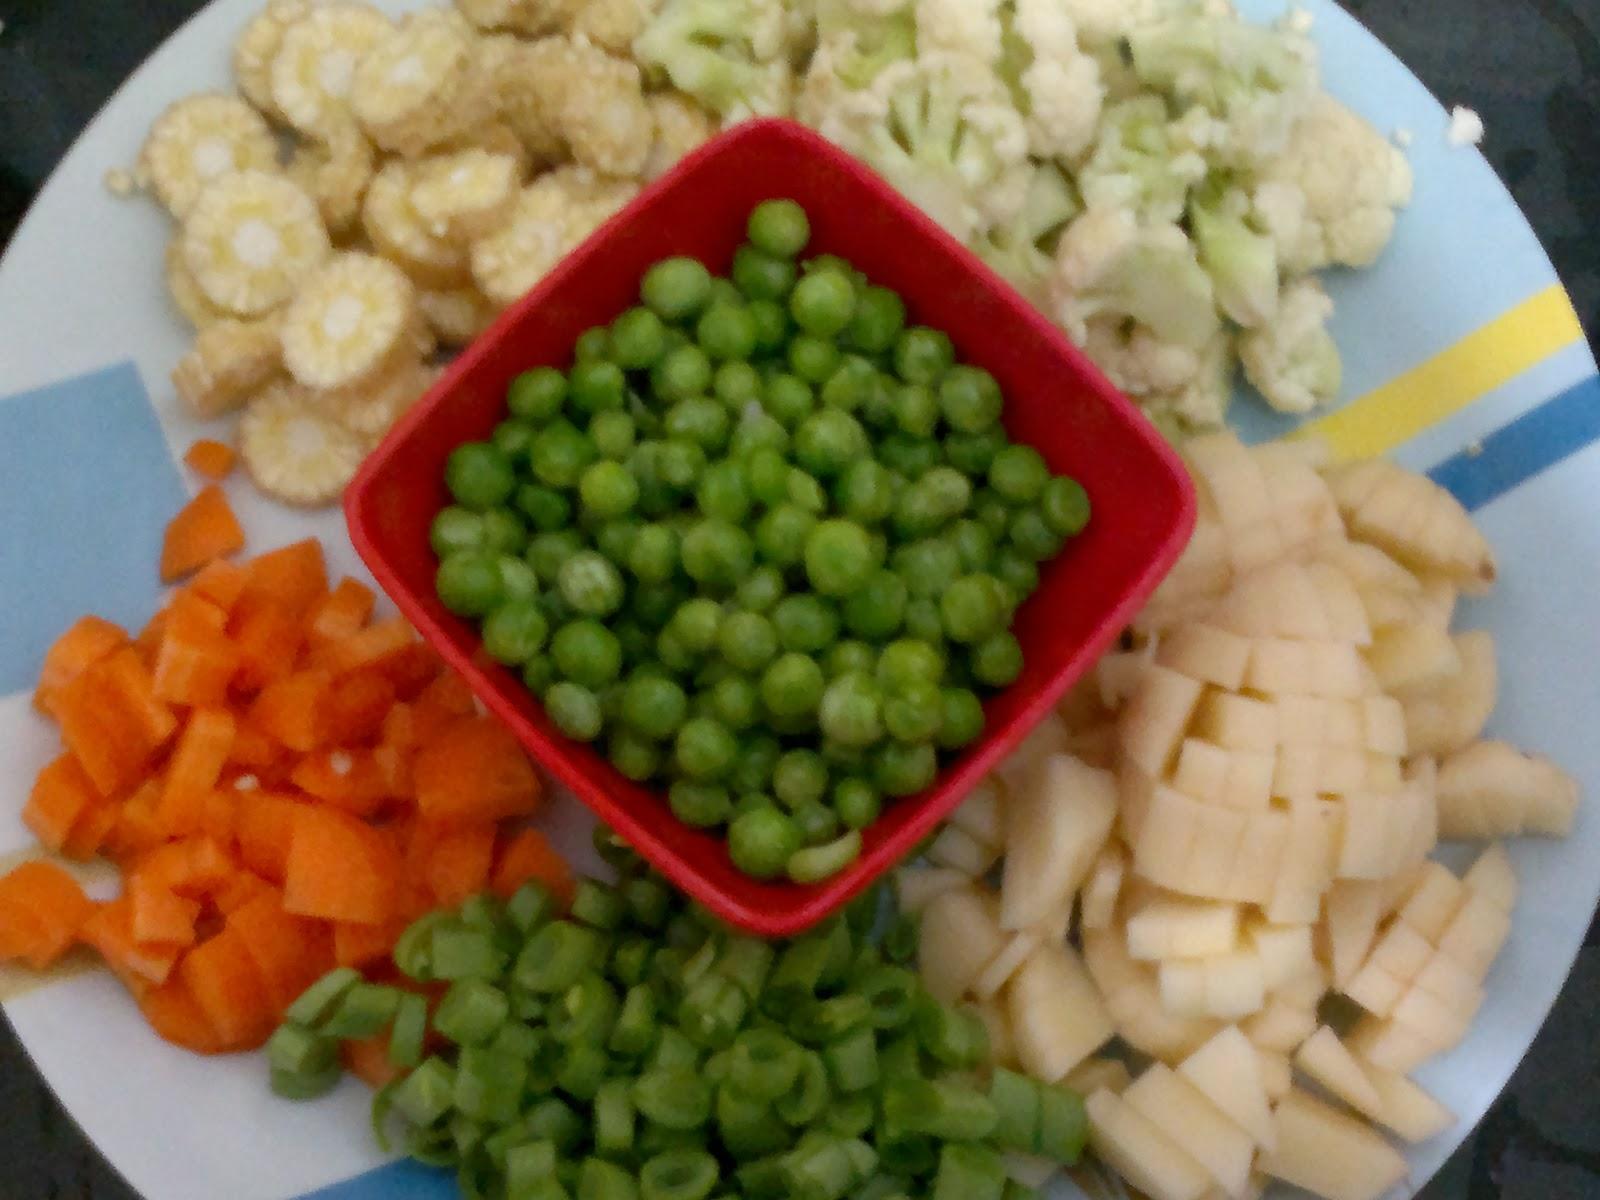 Mazedar recipes baked vegetables in white sauce baked vegetables in white sauce forumfinder Choice Image